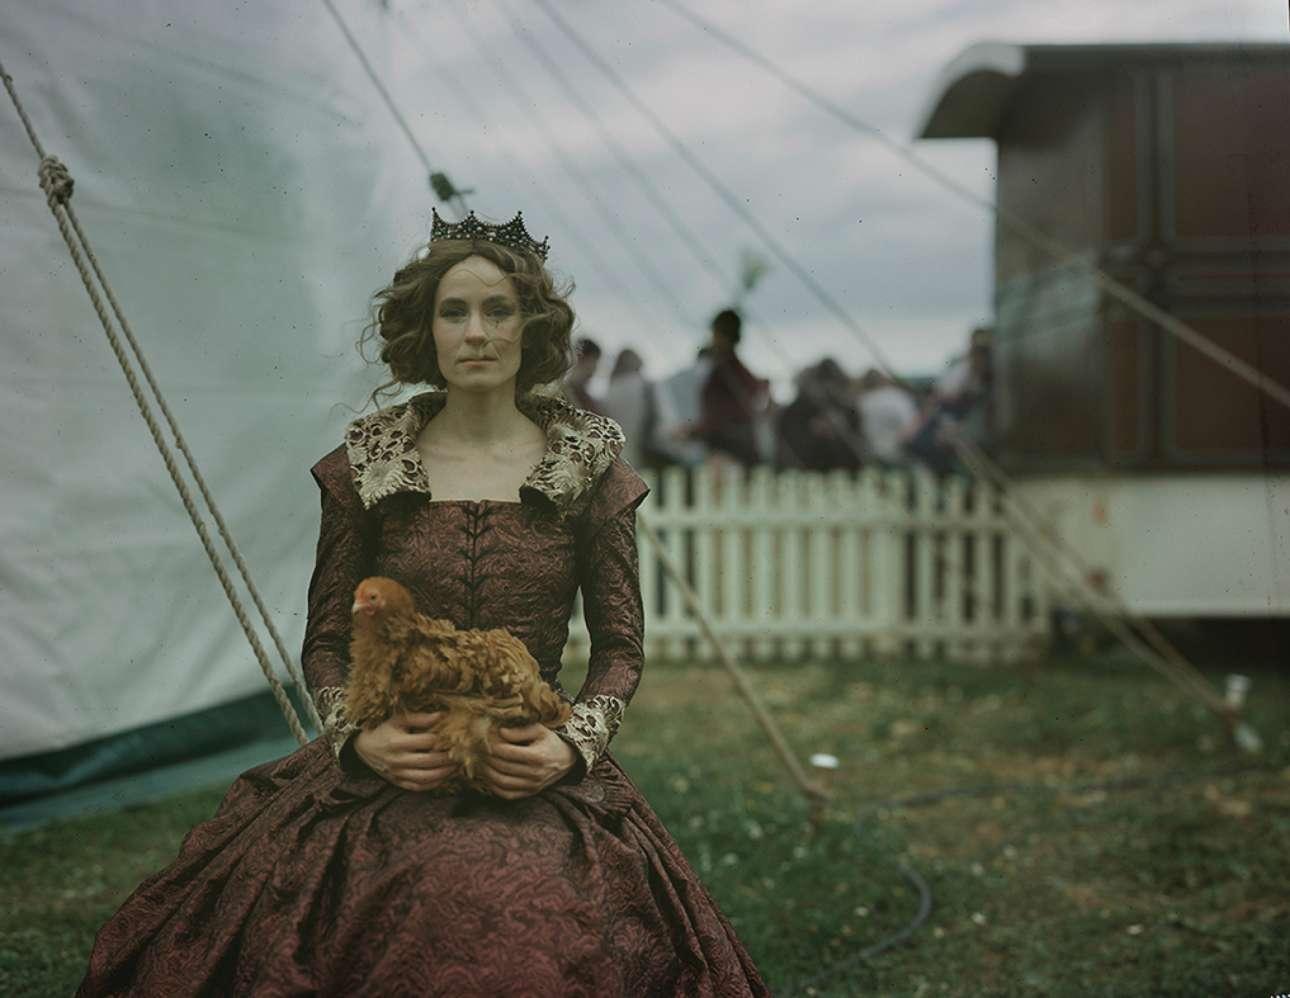 Η Βικτόρια Μουρτίνοβα και η κότα της περιμένουν να εμφανιστούν στην πρωινή παράσταση του τσίρκου Γκίφορντ